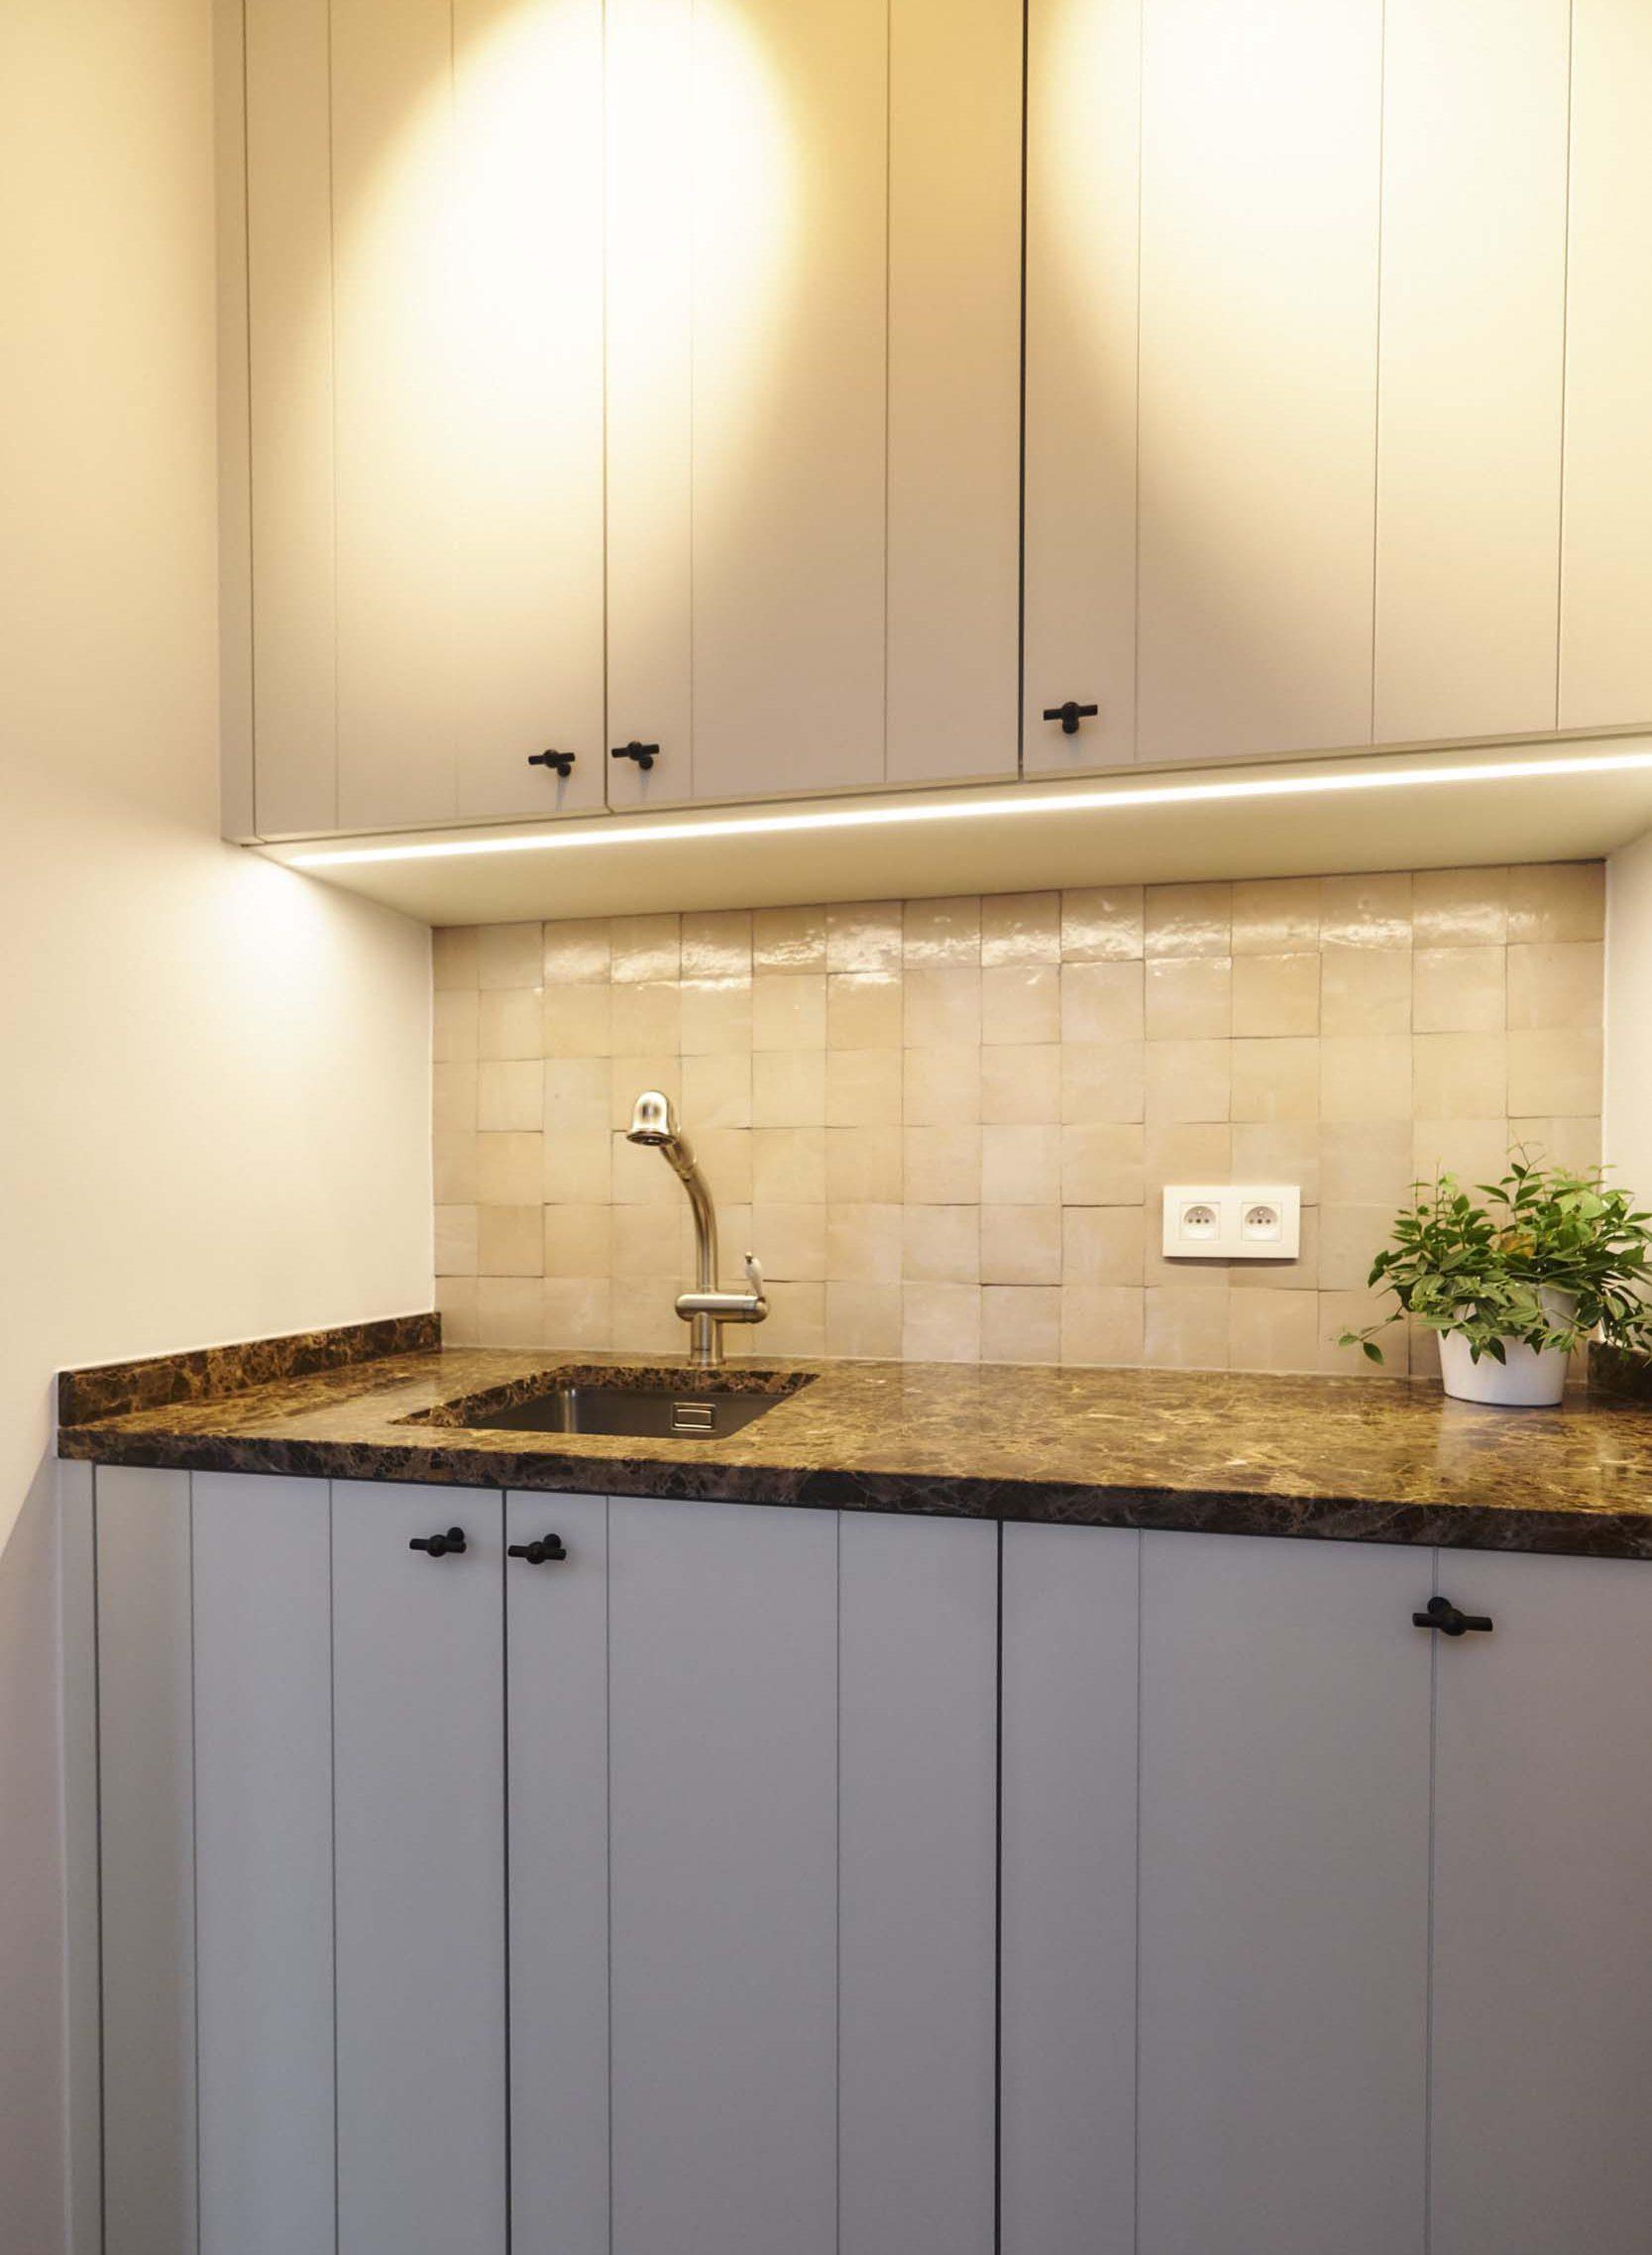 Vanda-projects-interieurinrichting-meubelmakerij-oost-vlaanderen-vilez-tegels